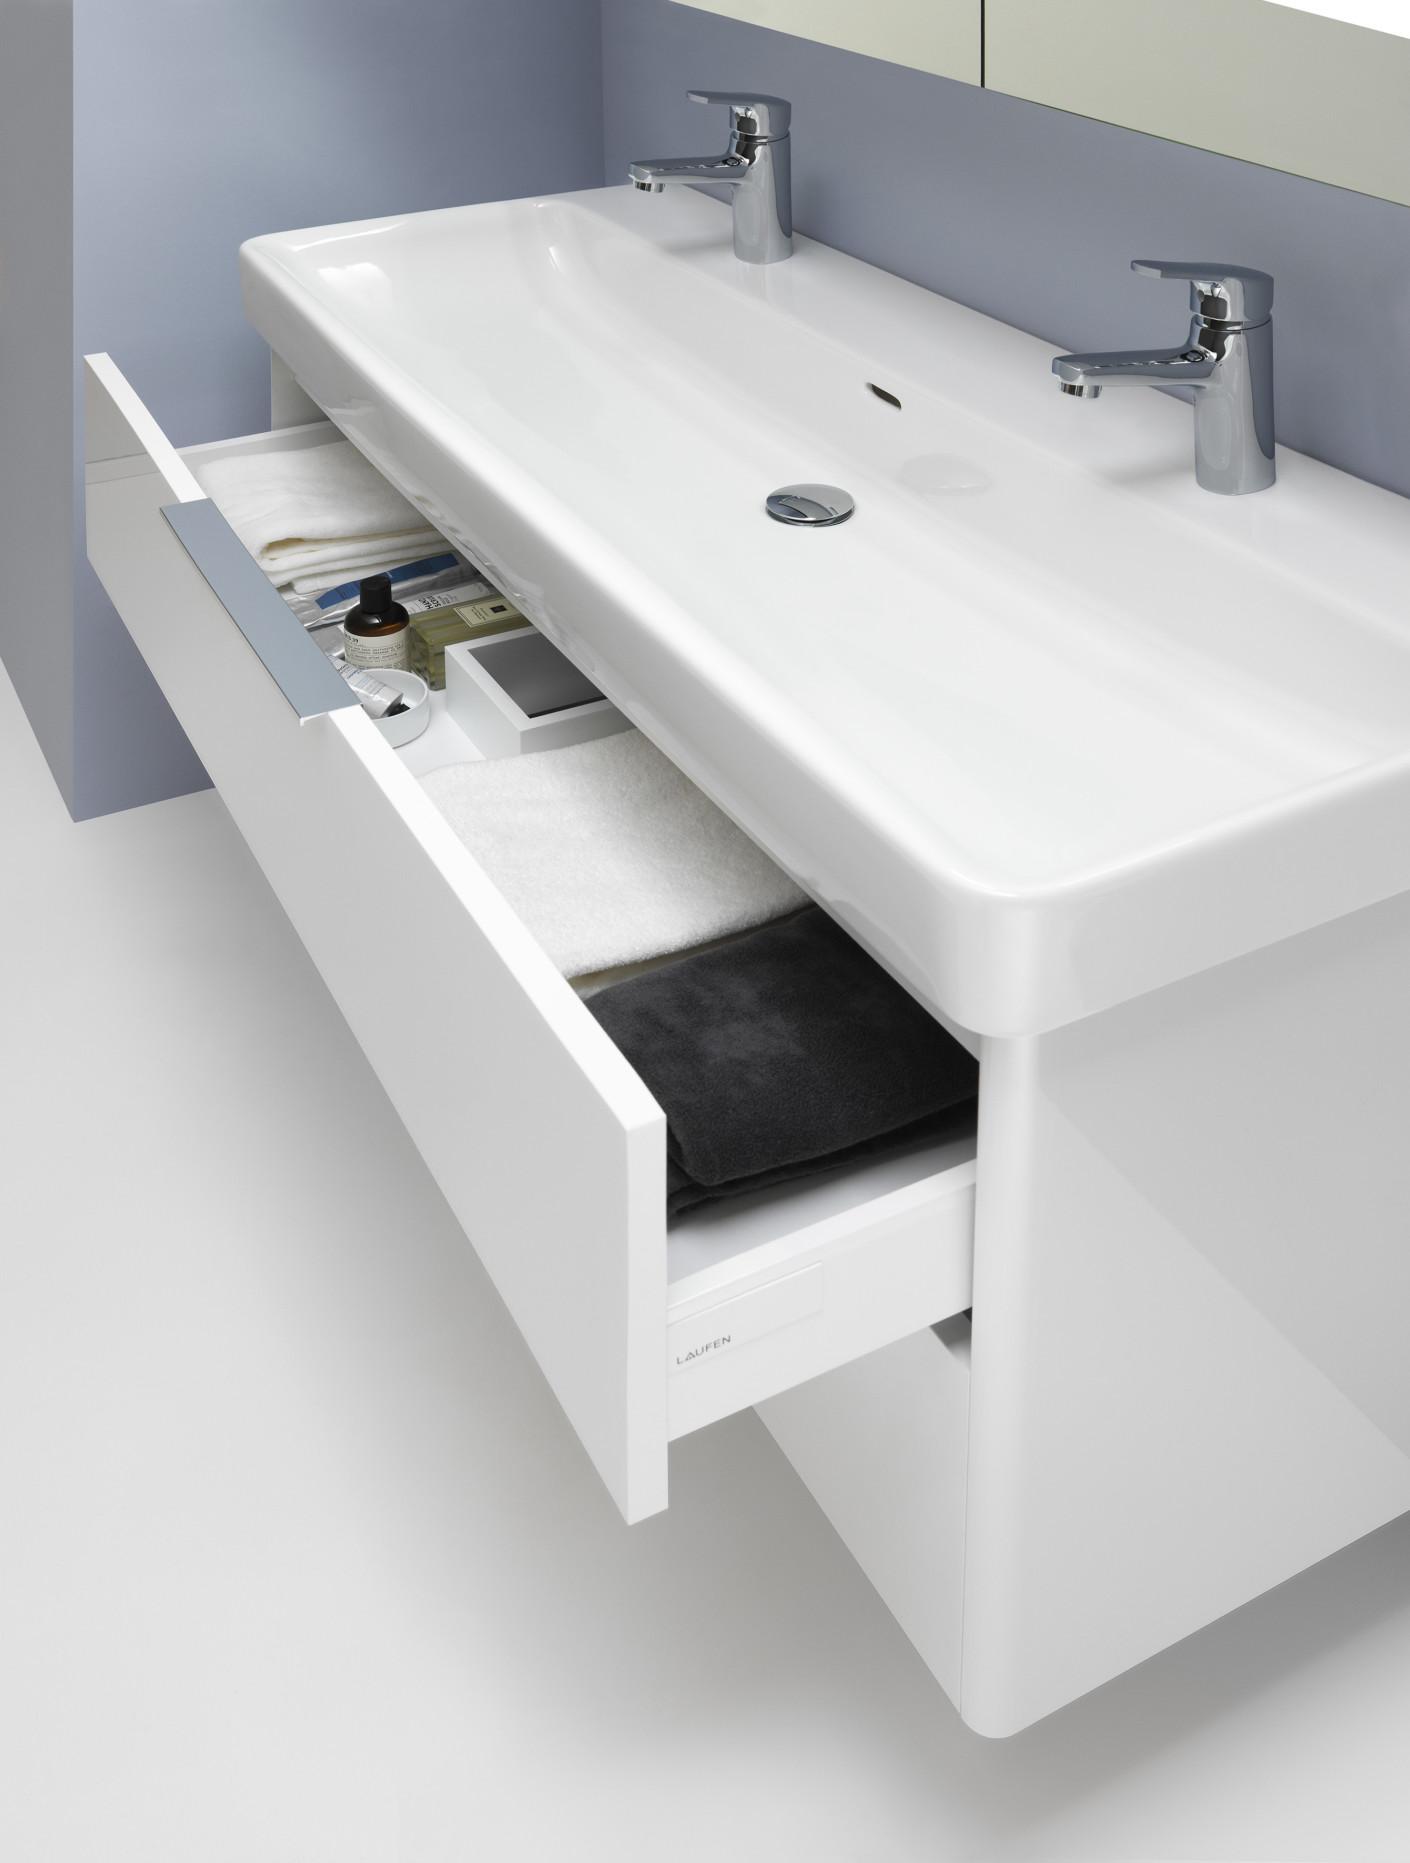 Base Vanity Unit By Laufen Stylepark